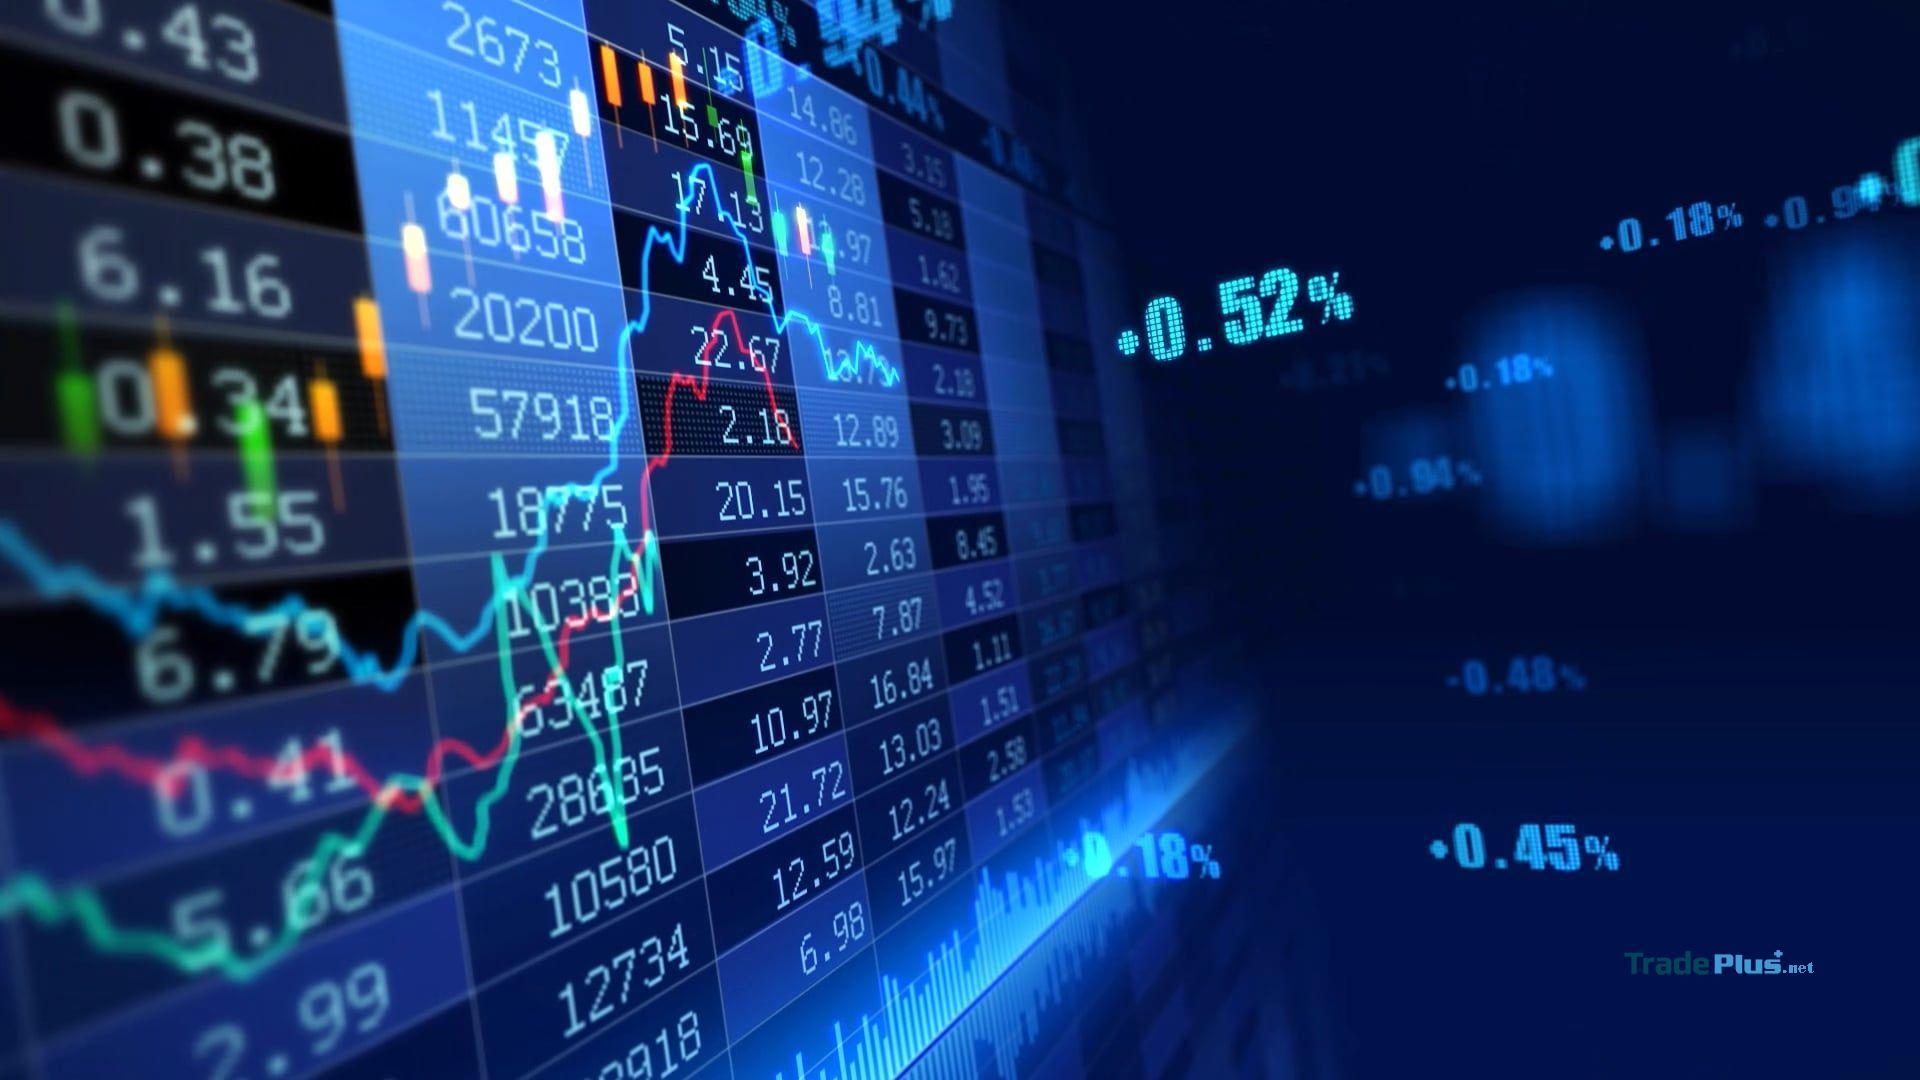 Giao dịch ngoại hối (Forex trading) là gì?